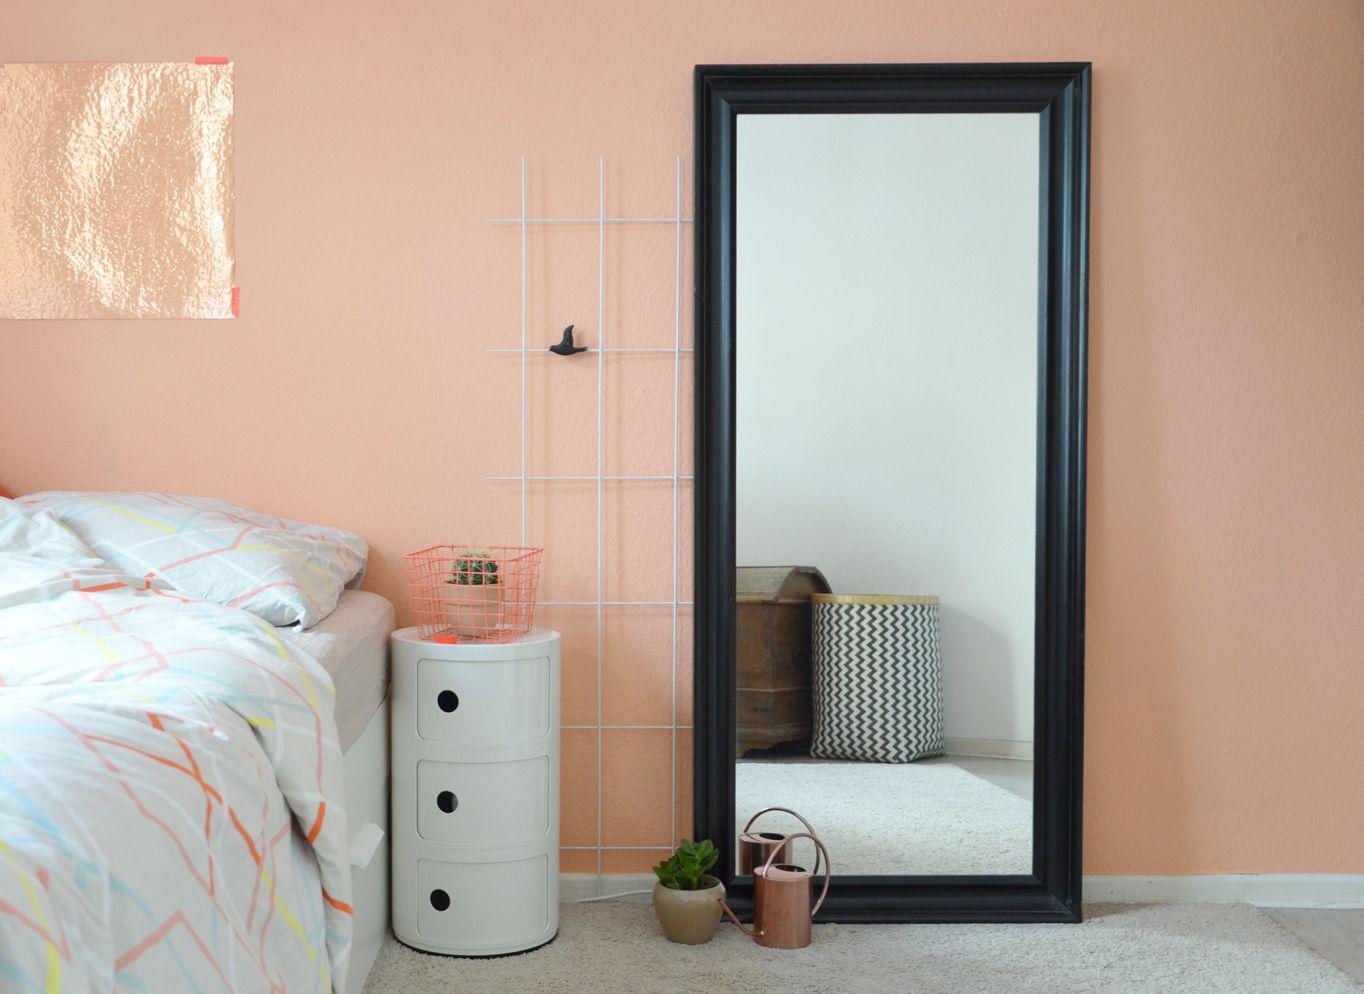 eine wand in der farbe von pfirsich-sorbet | pfirsich-sorbet, Wohnzimmer dekoo